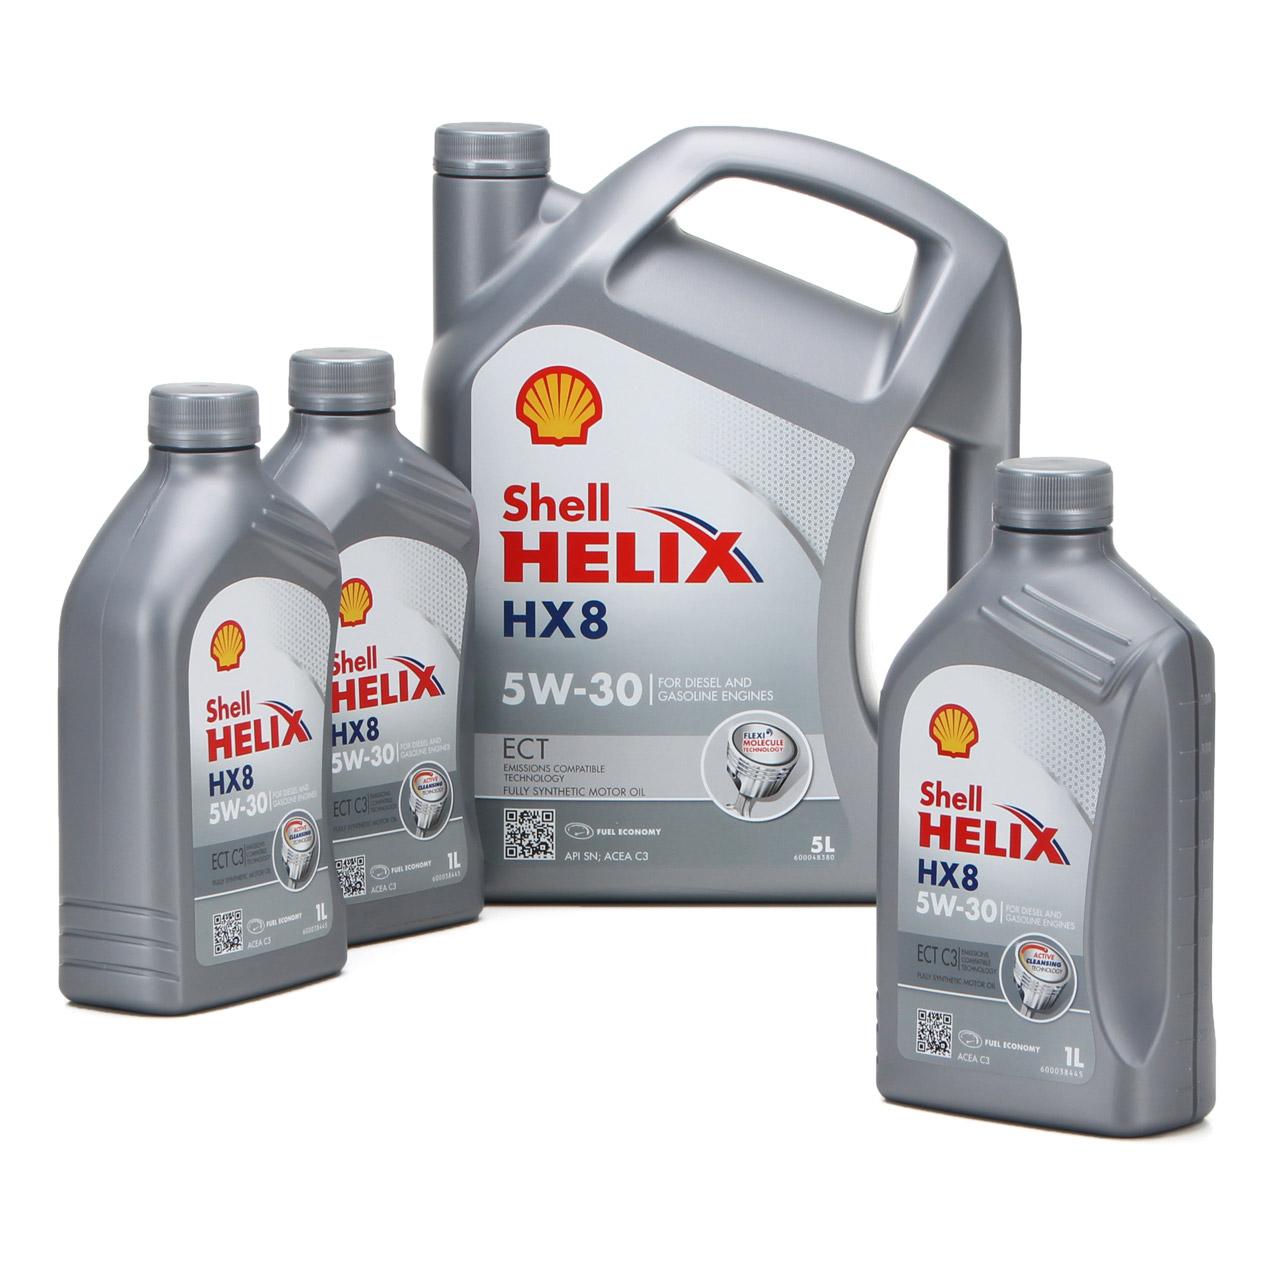 SHELL Motoröl ÖL HELIX HX8 ECT C3 5W-30 5W30 für MB 229.31 229.51 - 8L 8 Liter